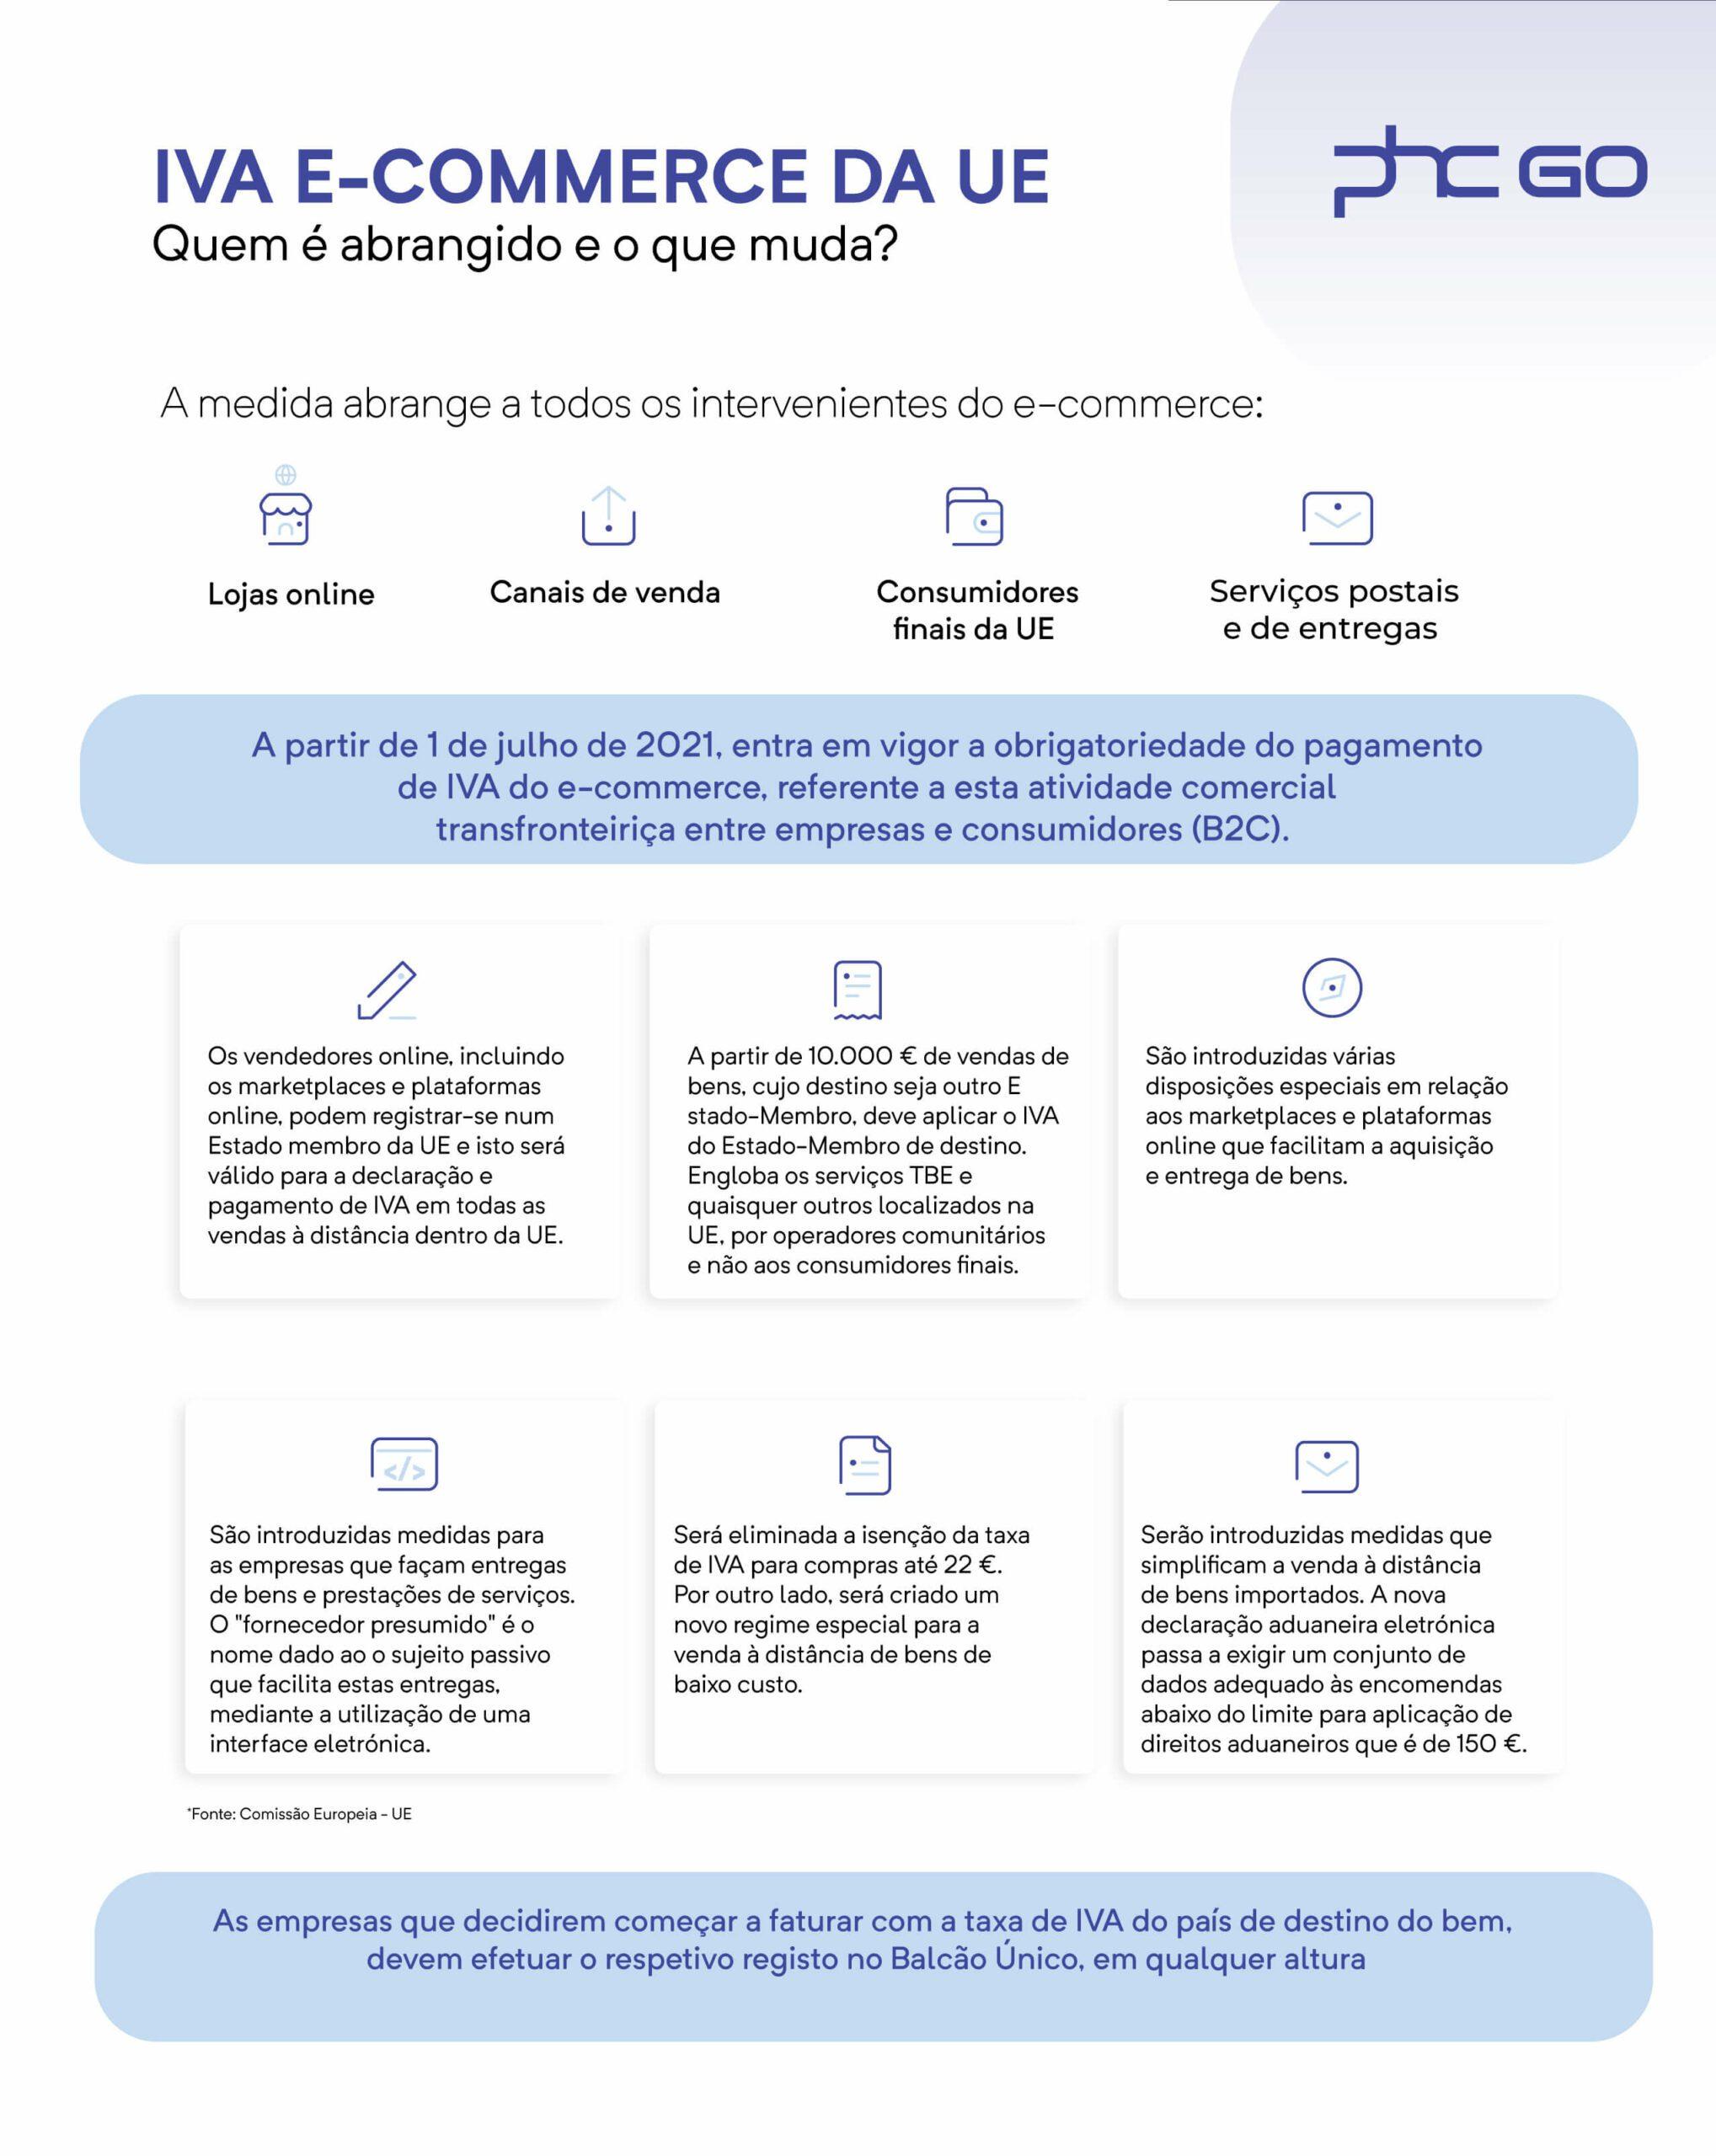 IVA do e-commerce na UE